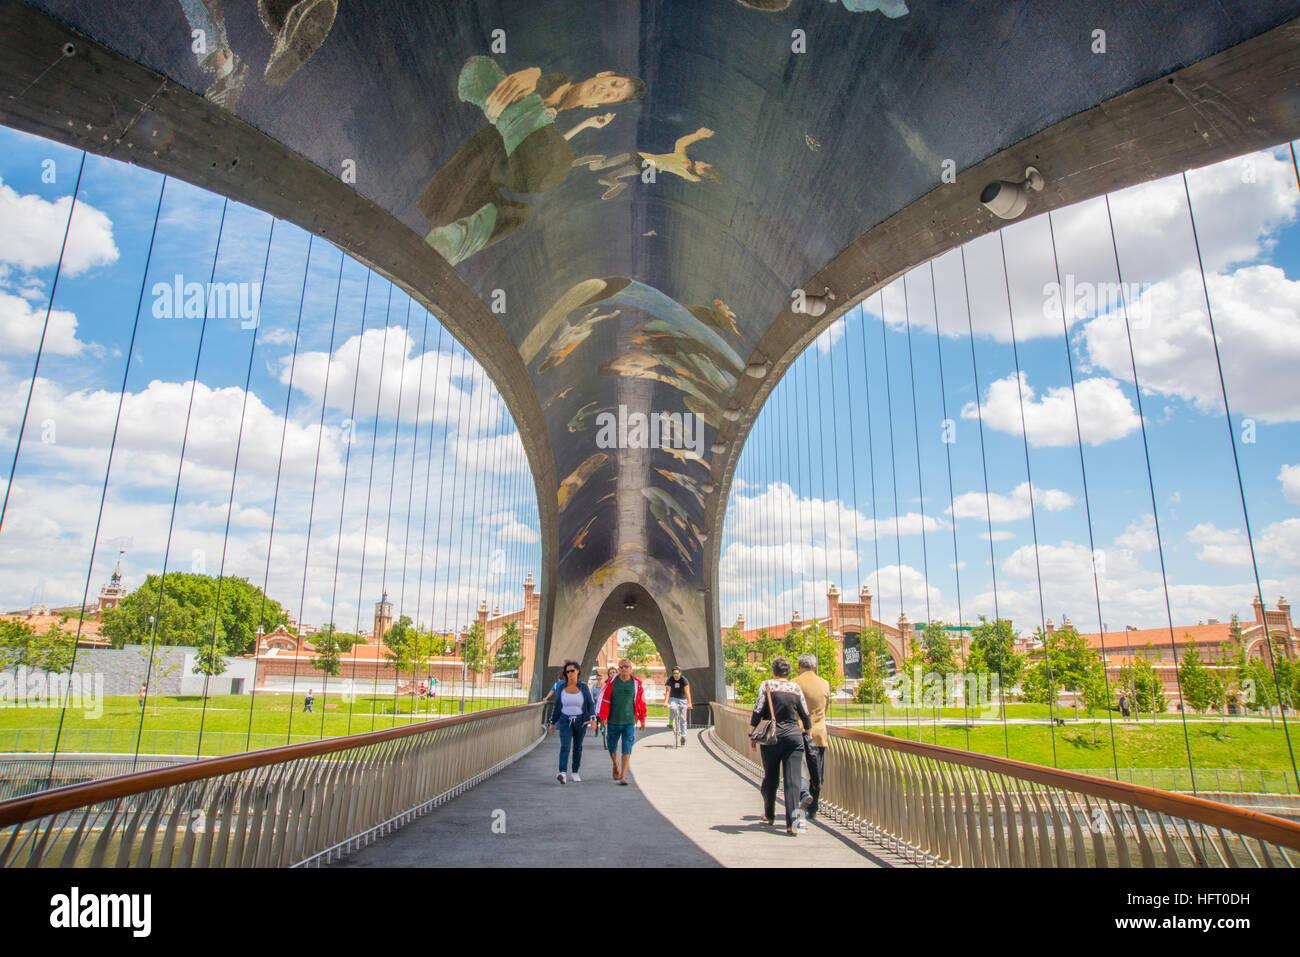 Puente de matadero. Madrid Rio Park, Madrid, España. Foto de stock